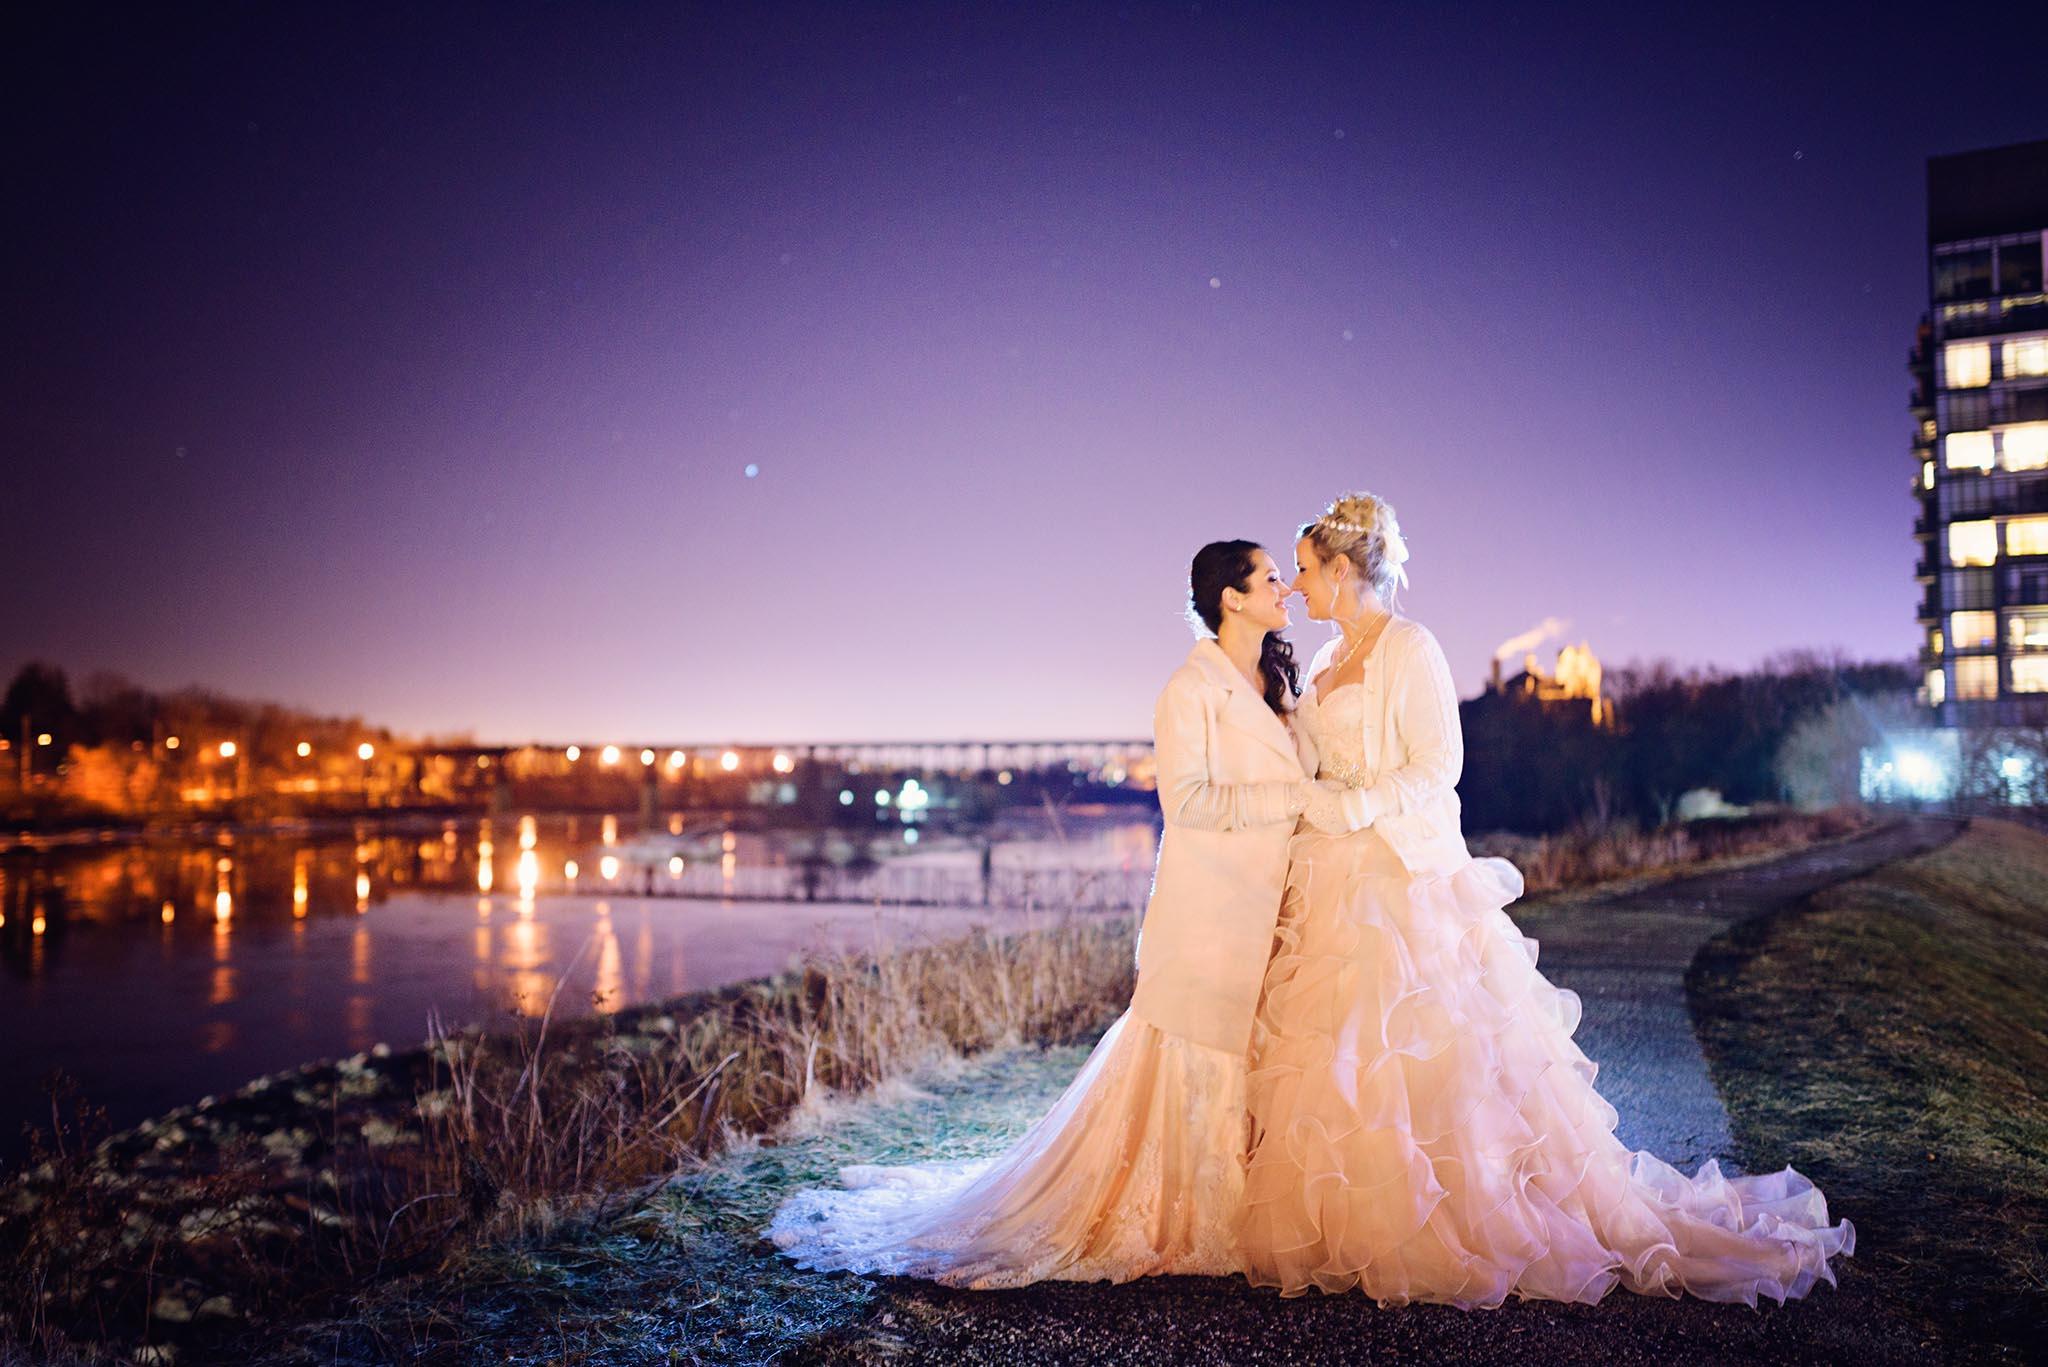 Peter-Bendevis-Photography-Kris-Laura-Cambridge-Mill-Winter-Wedding23